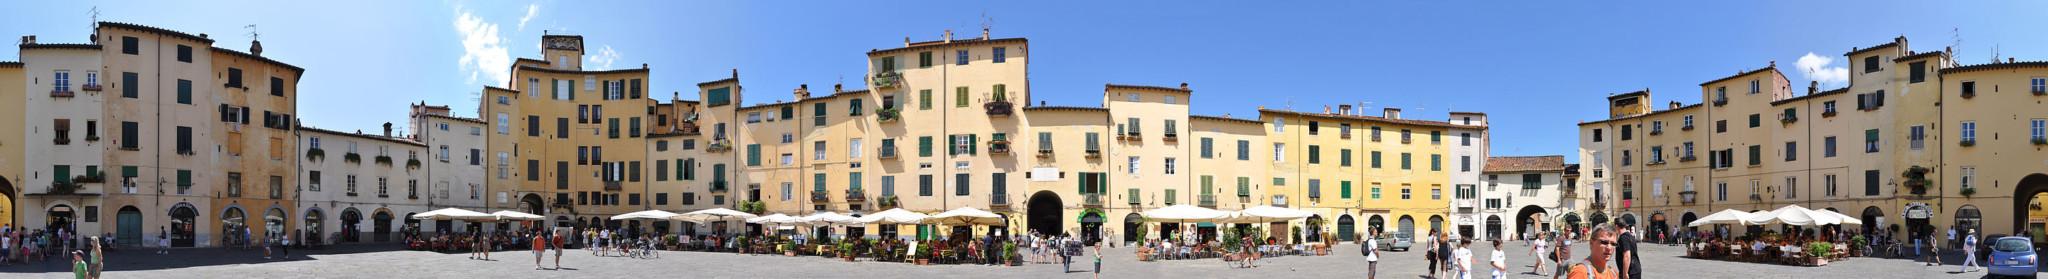 piazza_anfiteatro_lucca_360